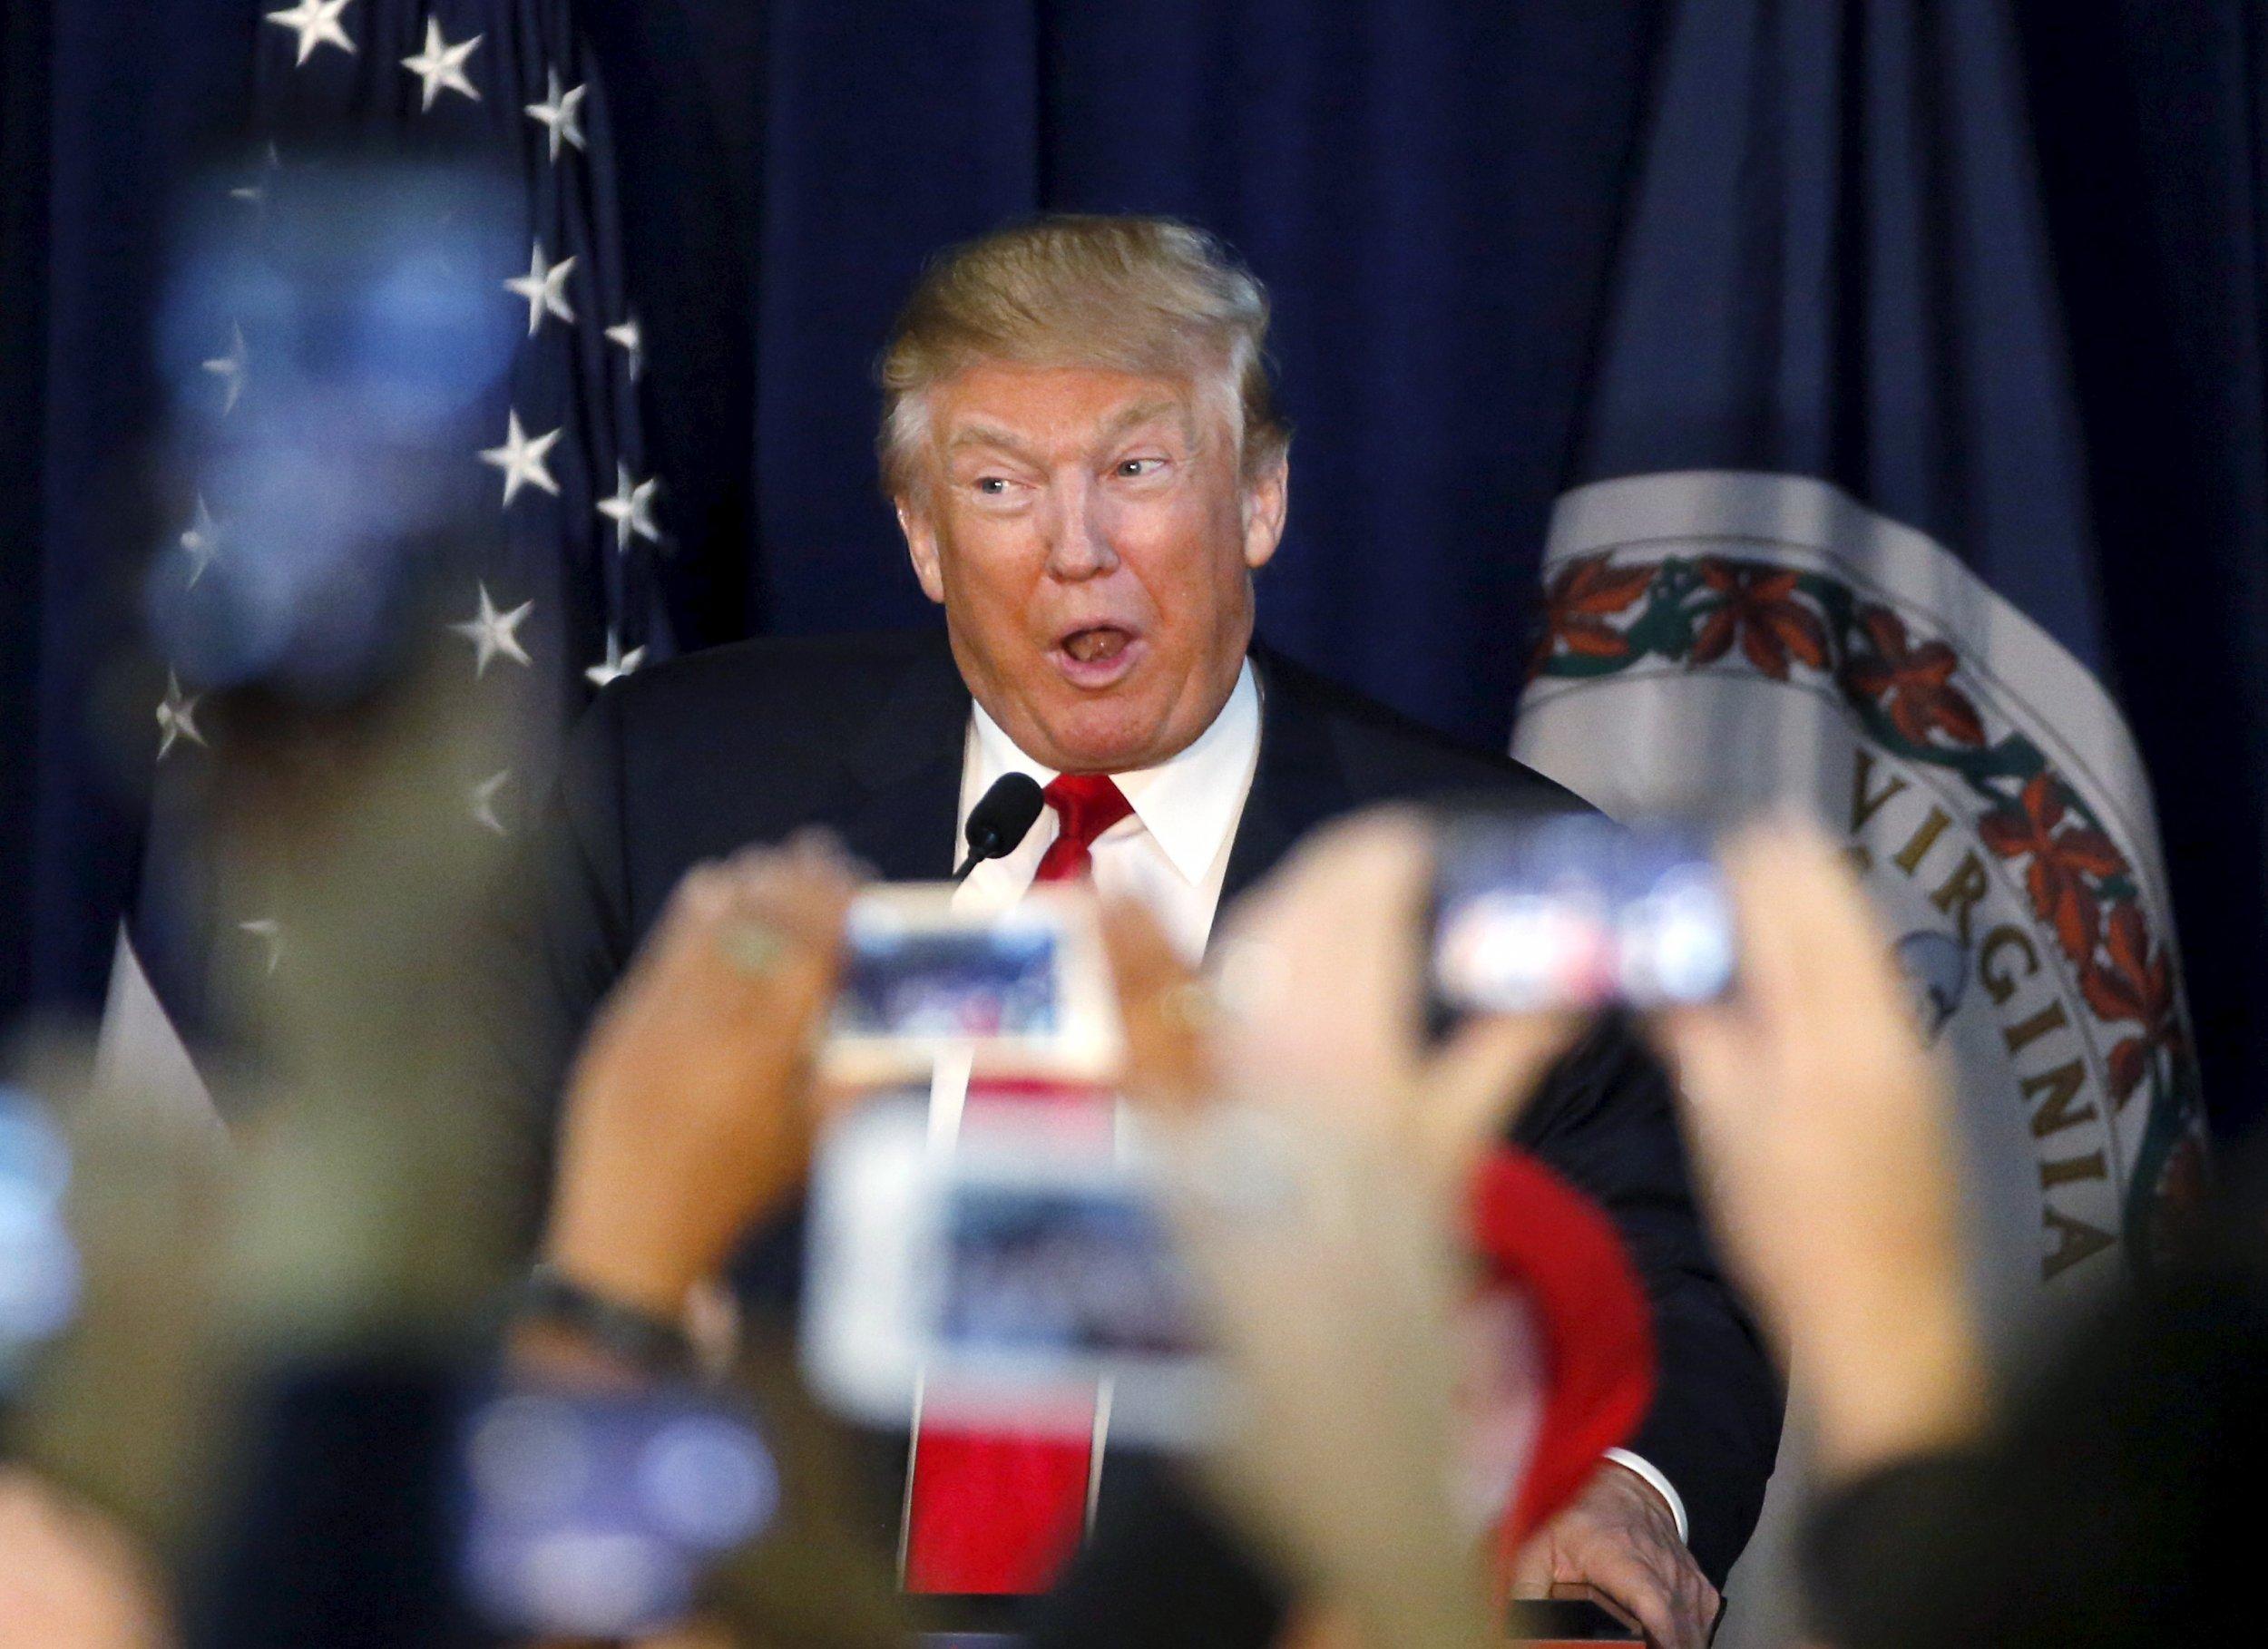 1203_Trump_Israel_Donald_Republican